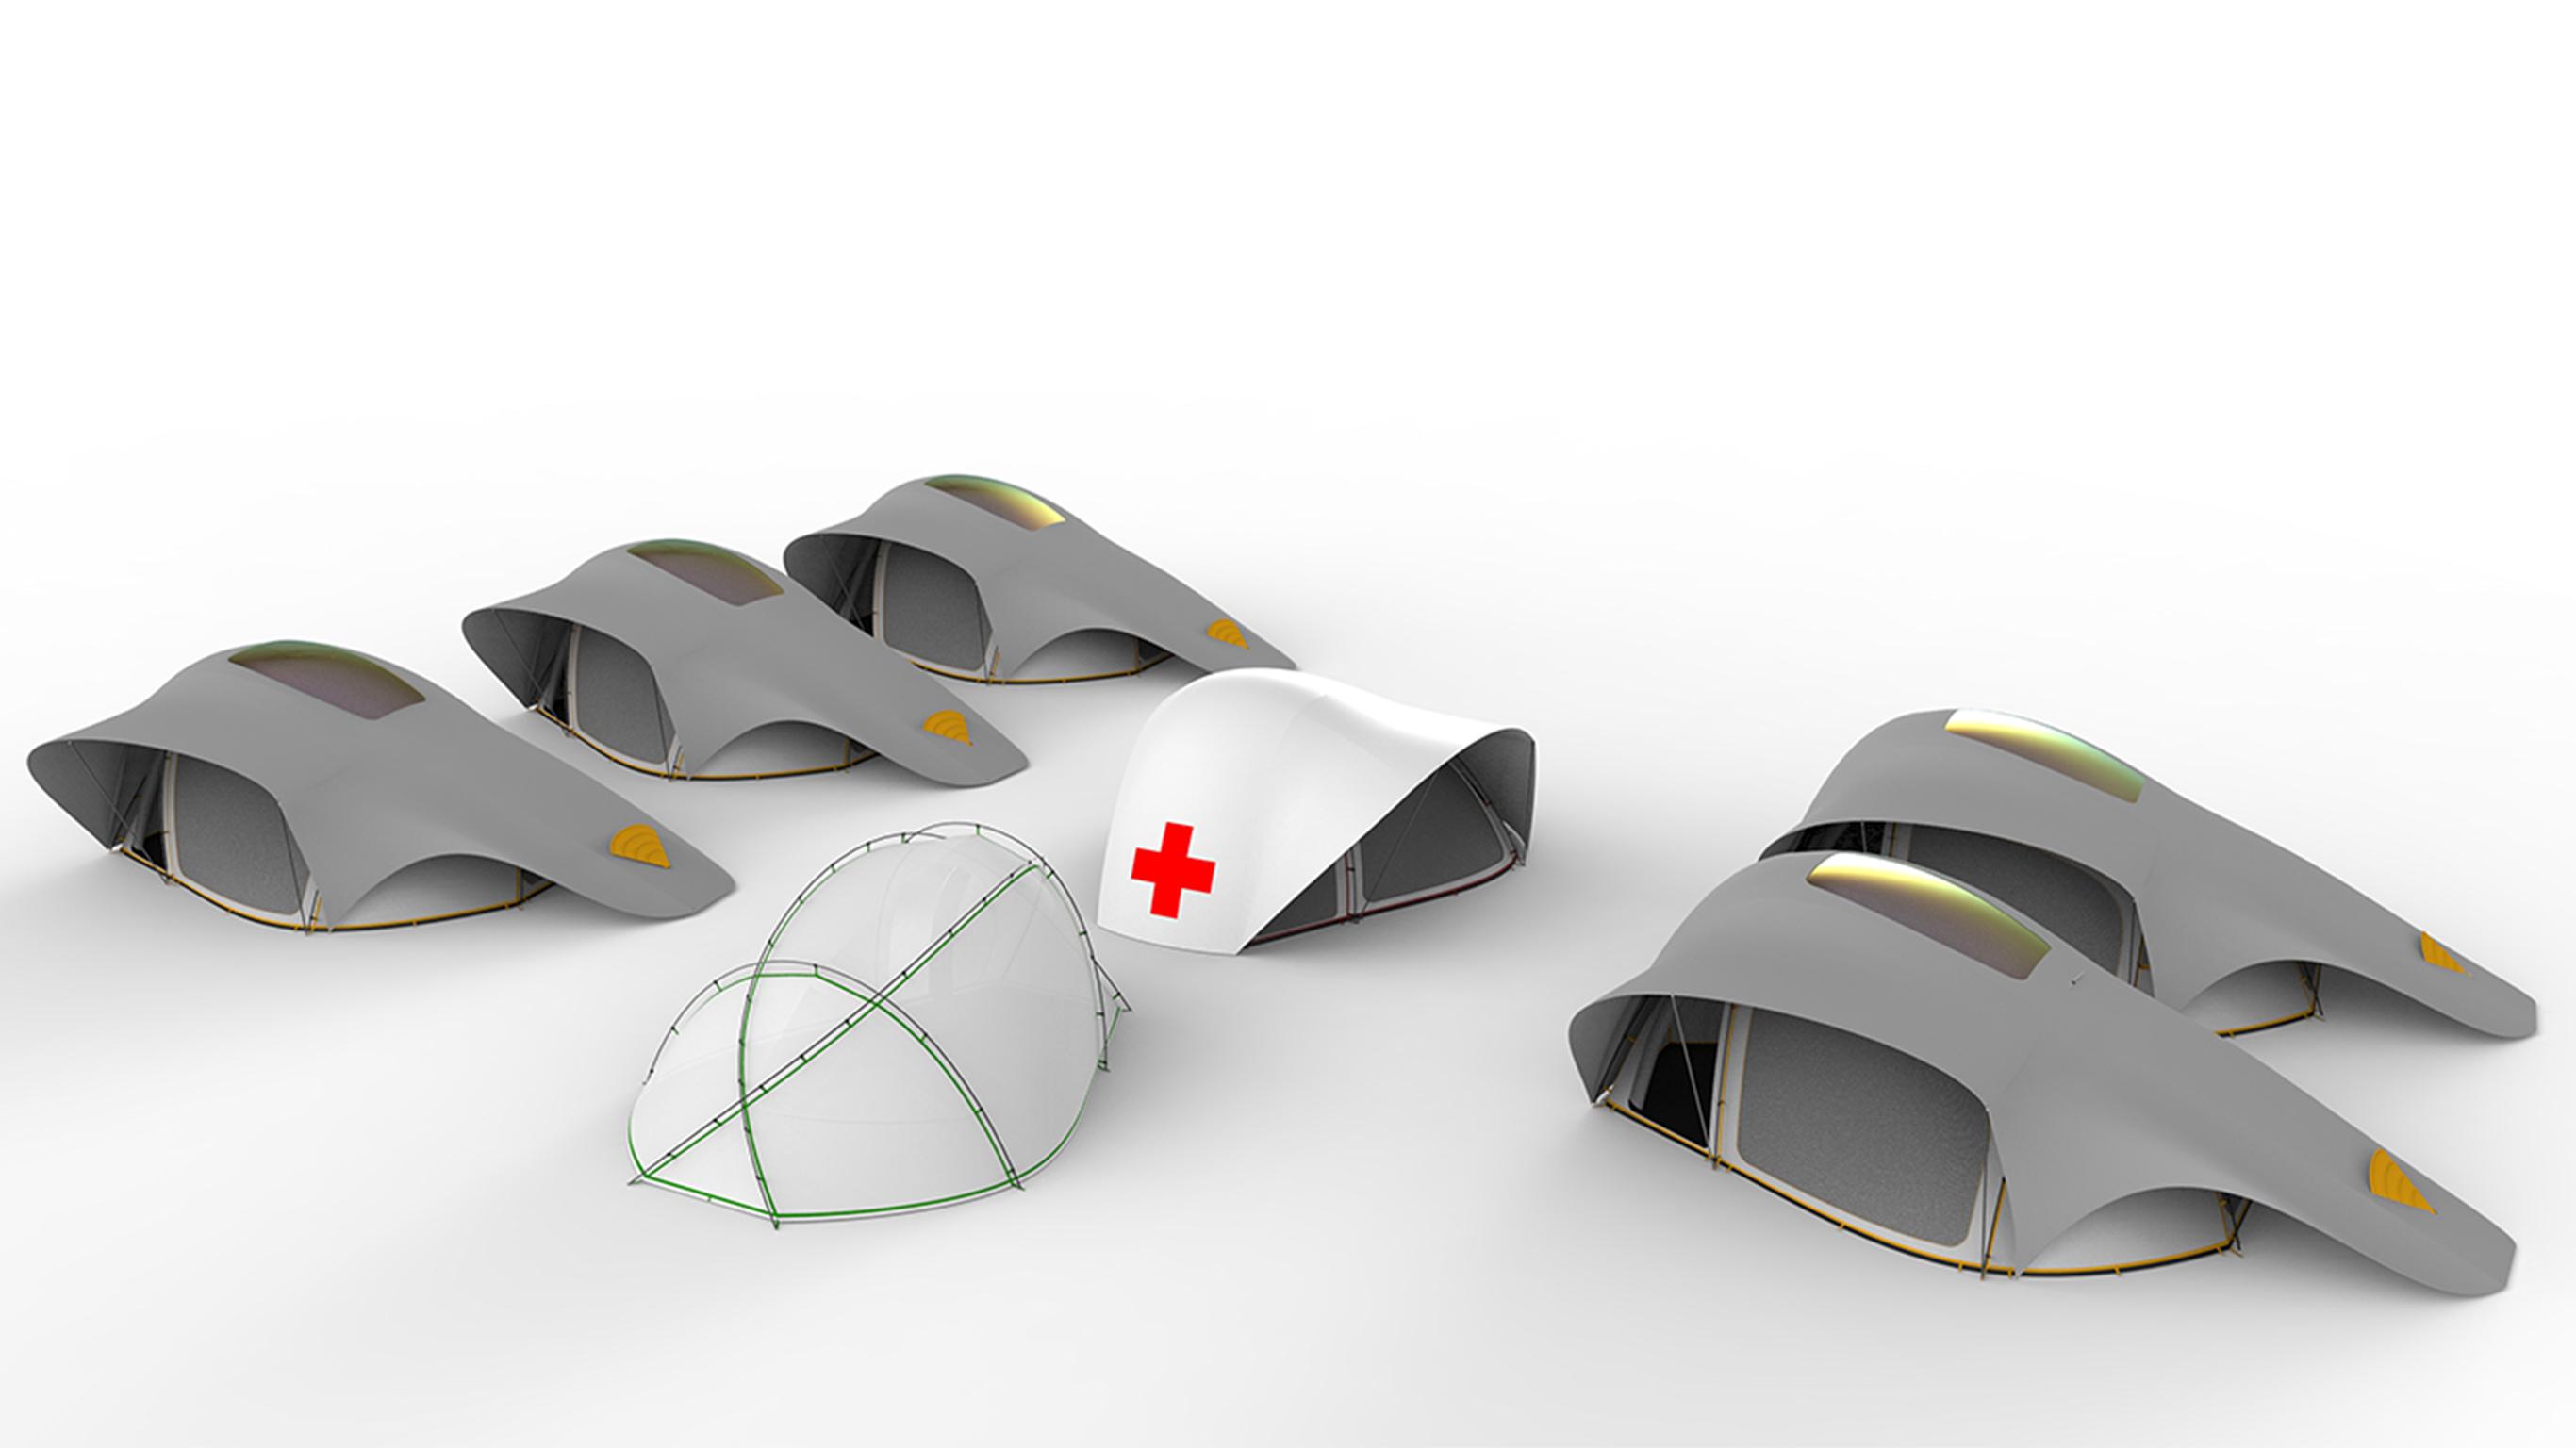 Shelter Layout